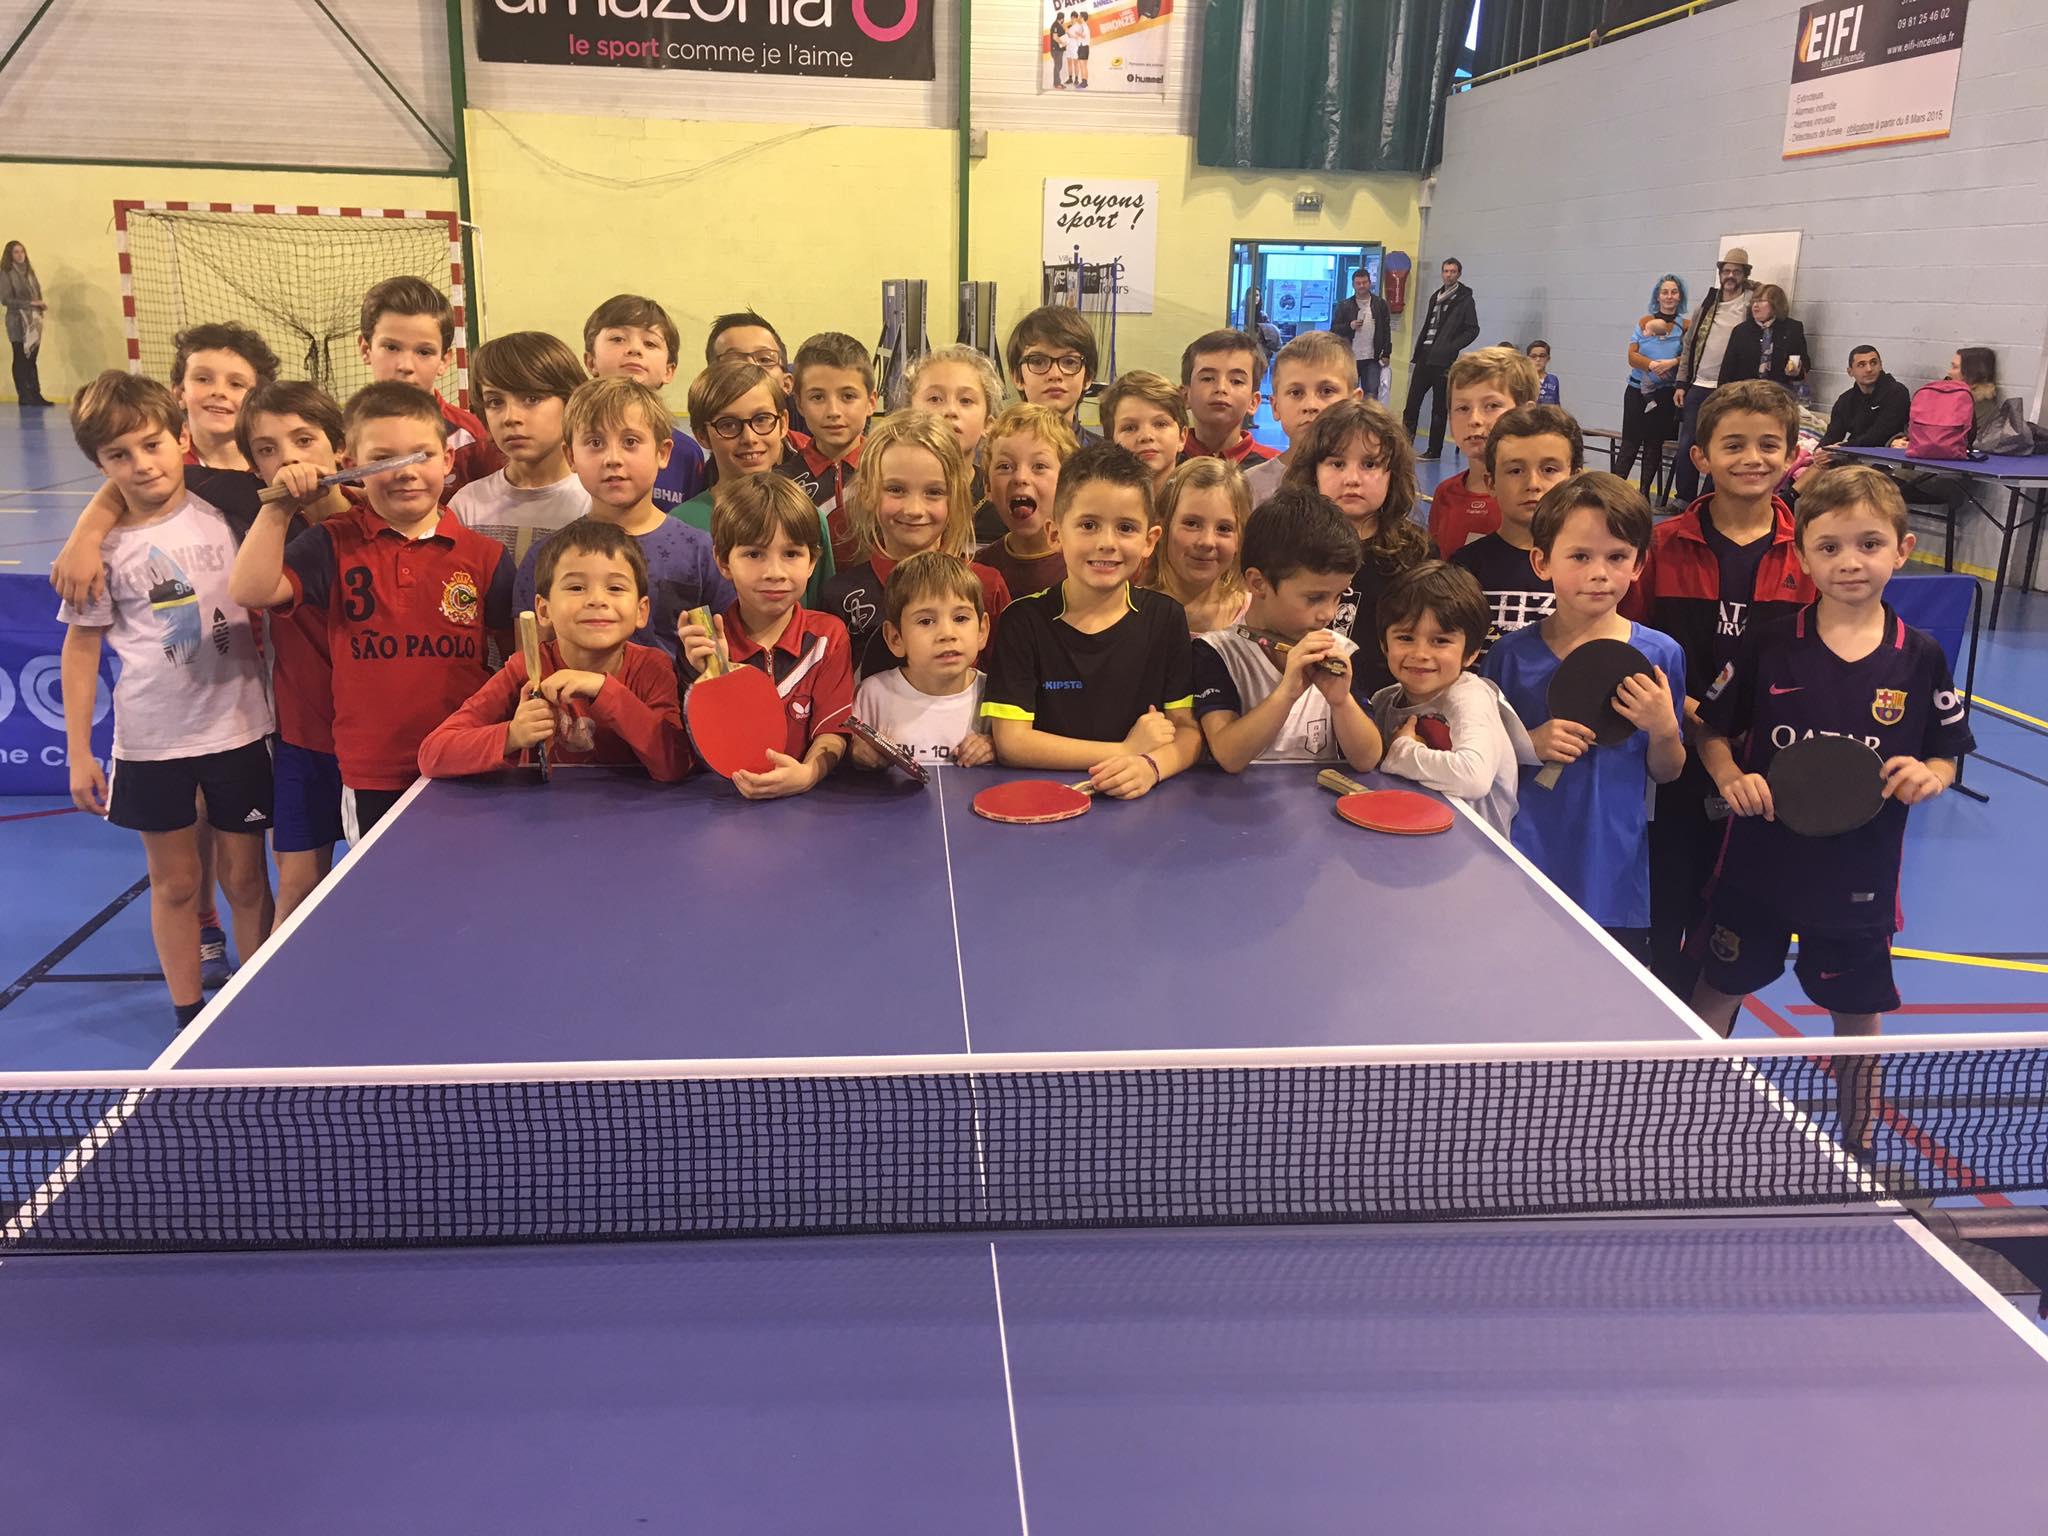 Open 10 ans butterfly 4s tours tennis de table - Butterfly tennis de table france ...